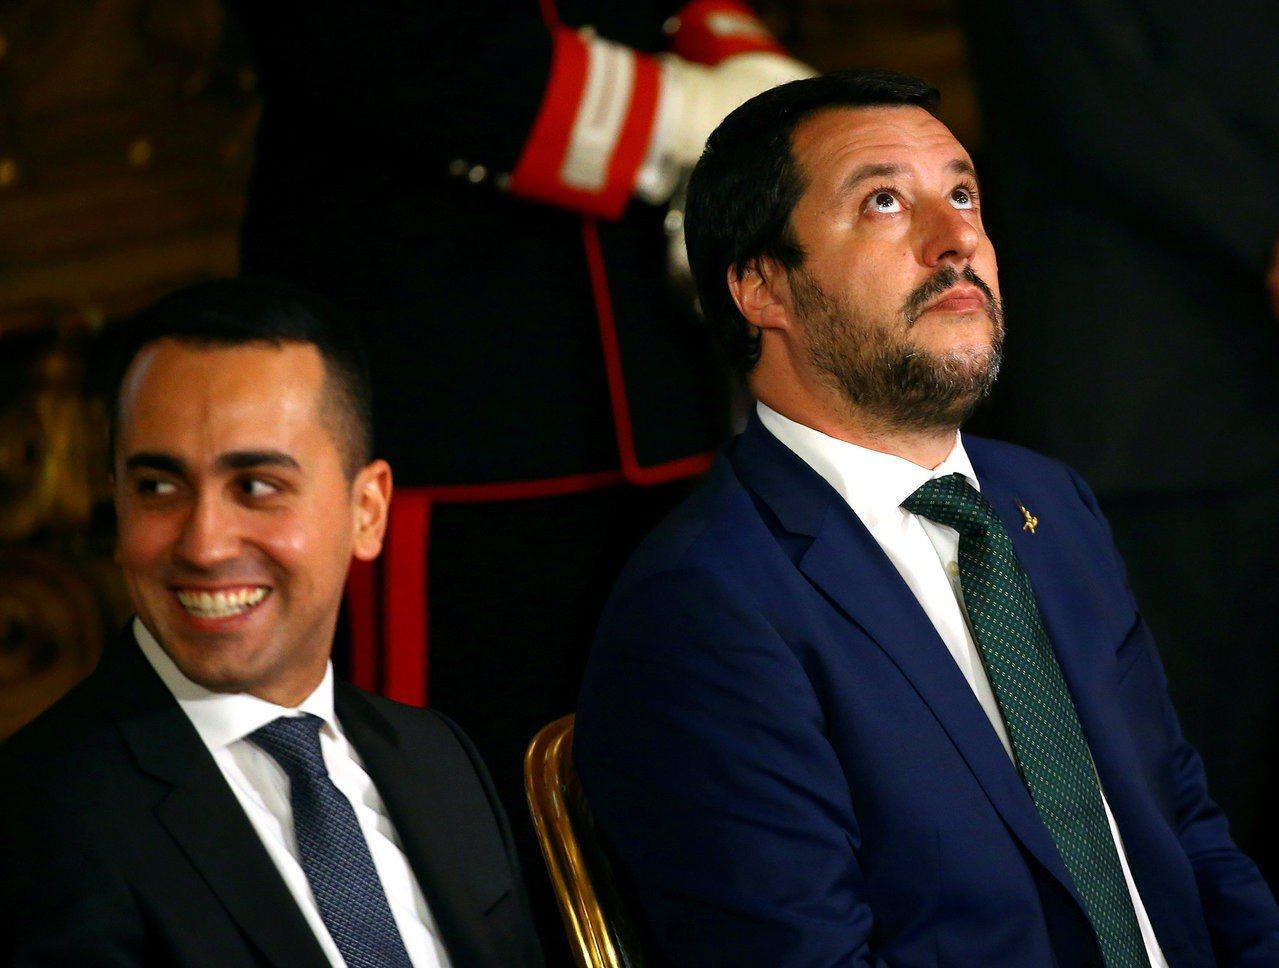 義大利副總理薩爾維尼(右)和狄馬尤(左)。路透